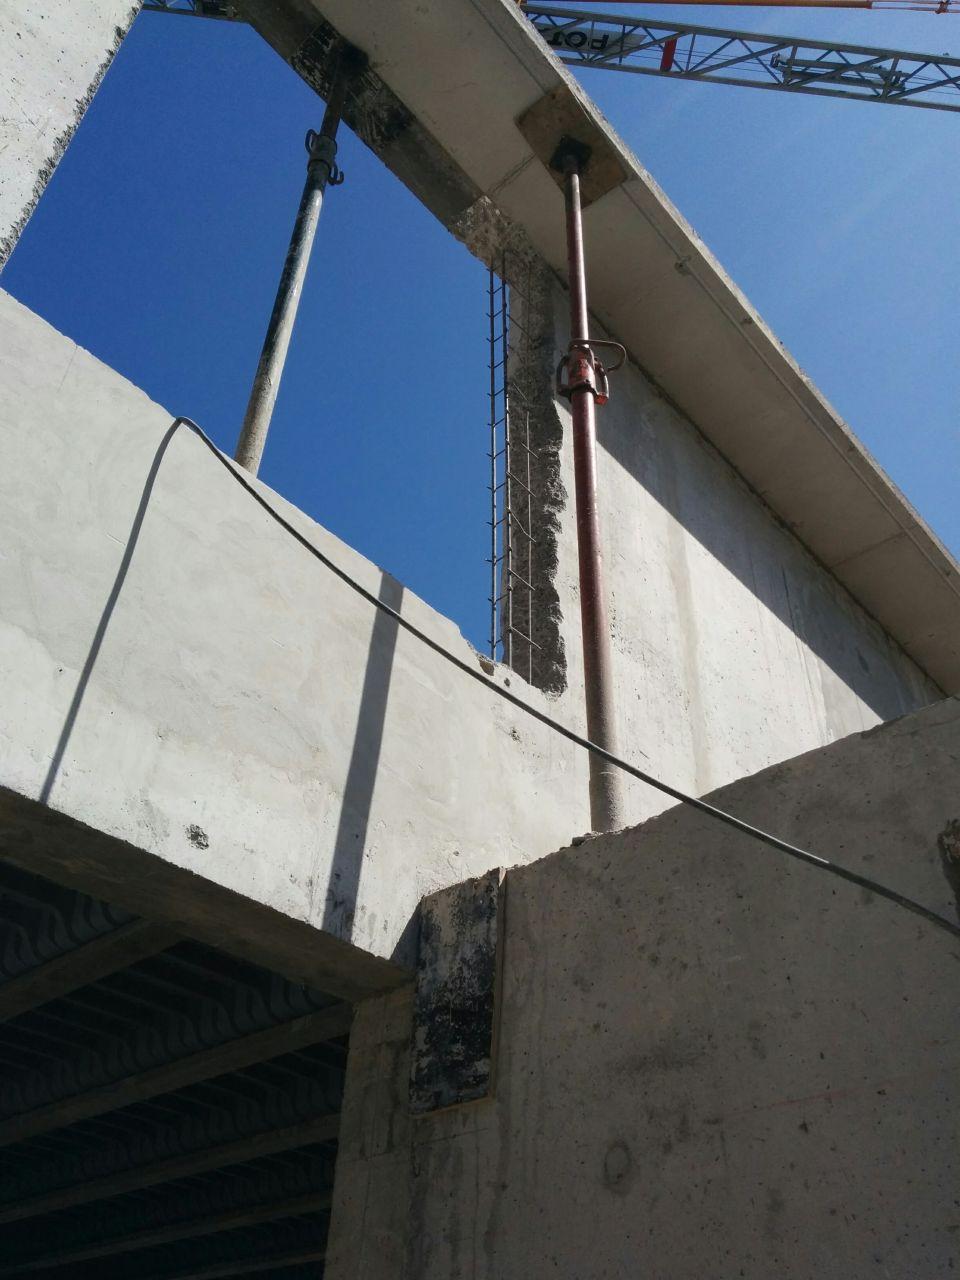 Déplacement d'une la fenêtre de l'étage mal positionnée : le chainage vertical est mis à nu